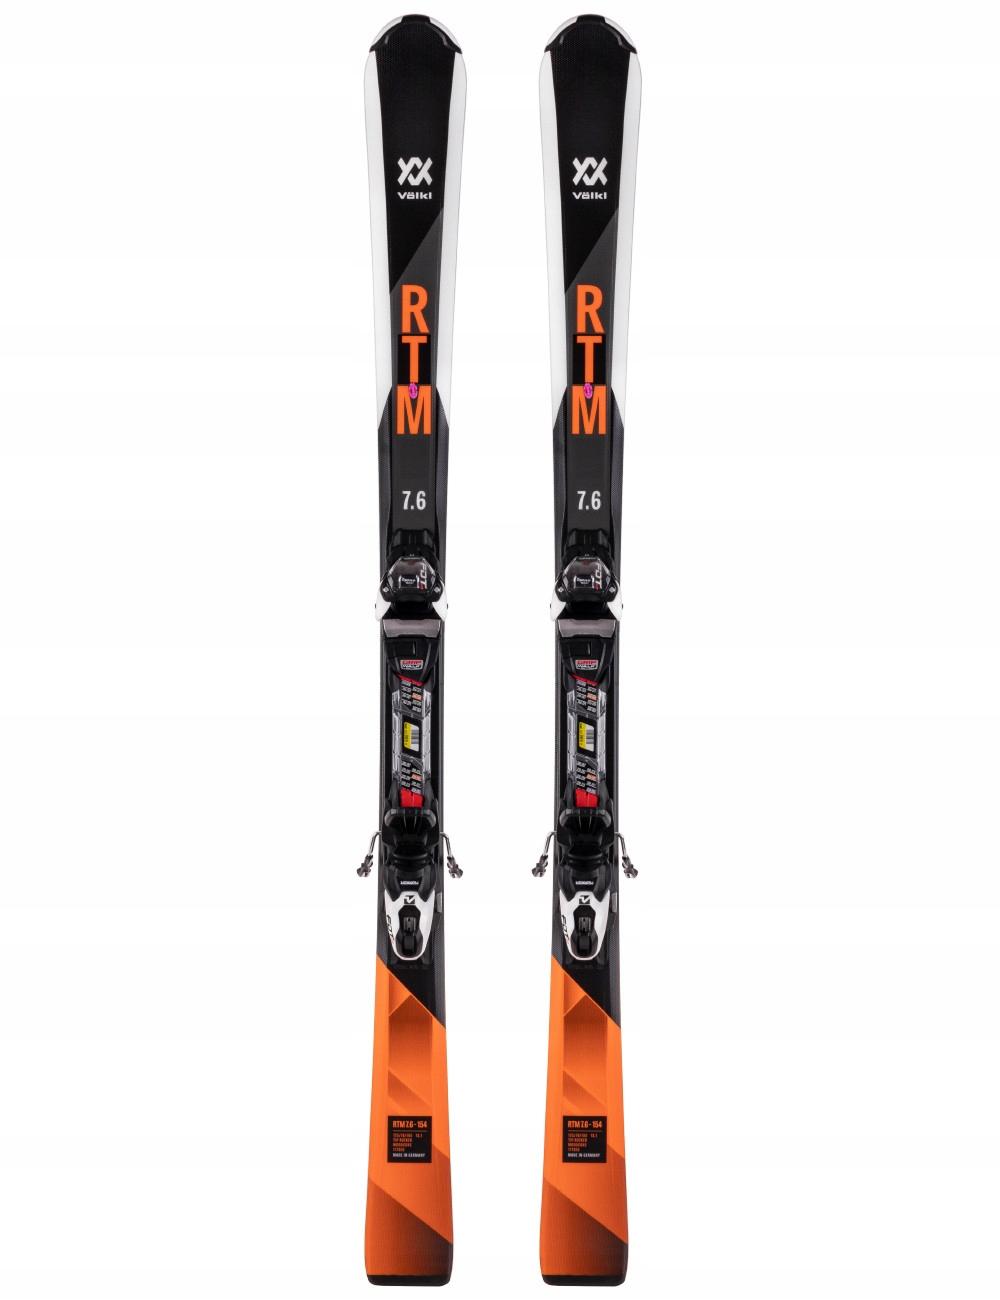 Мужские лыжи Volkl RTM 7.6 + Маркер 10.0 FDT 154см